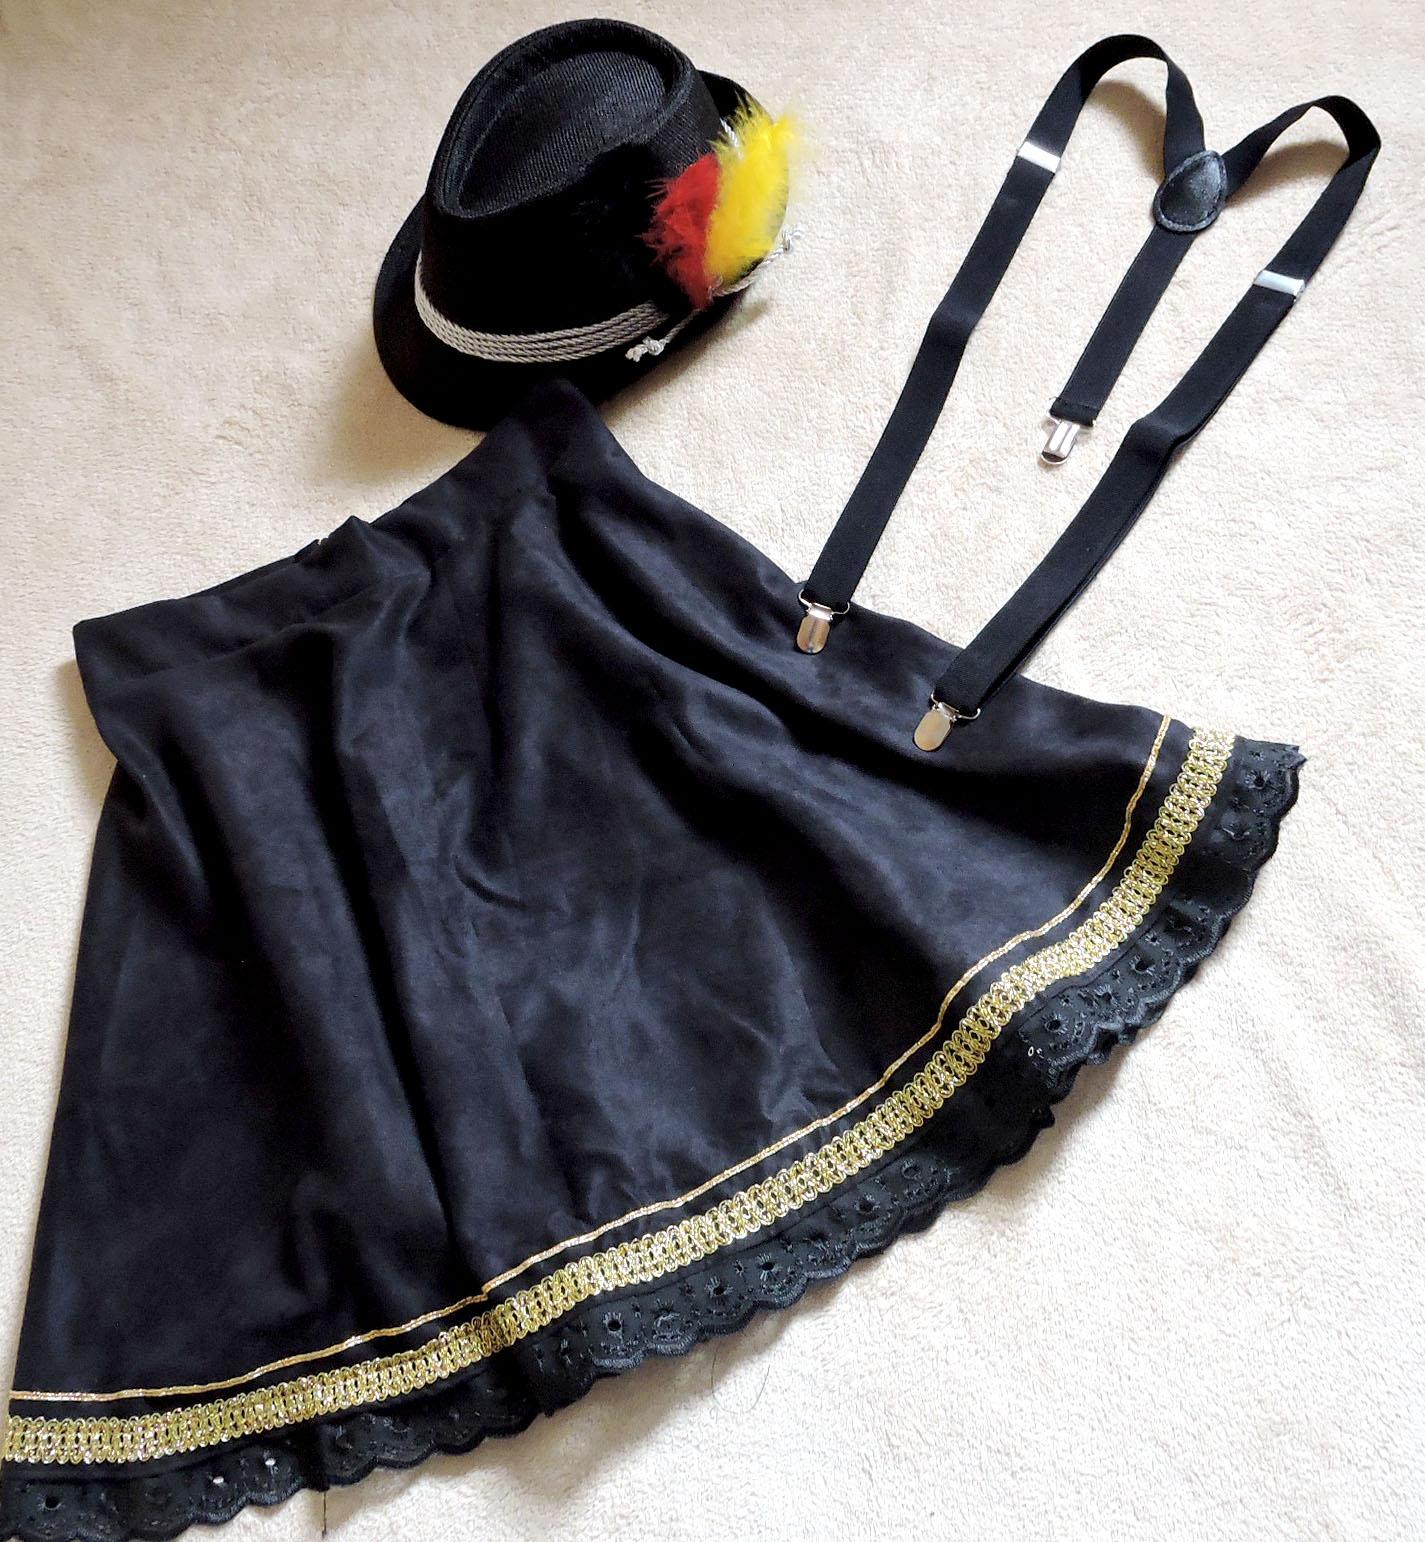 suspensório, chapéu e saia típica alemã